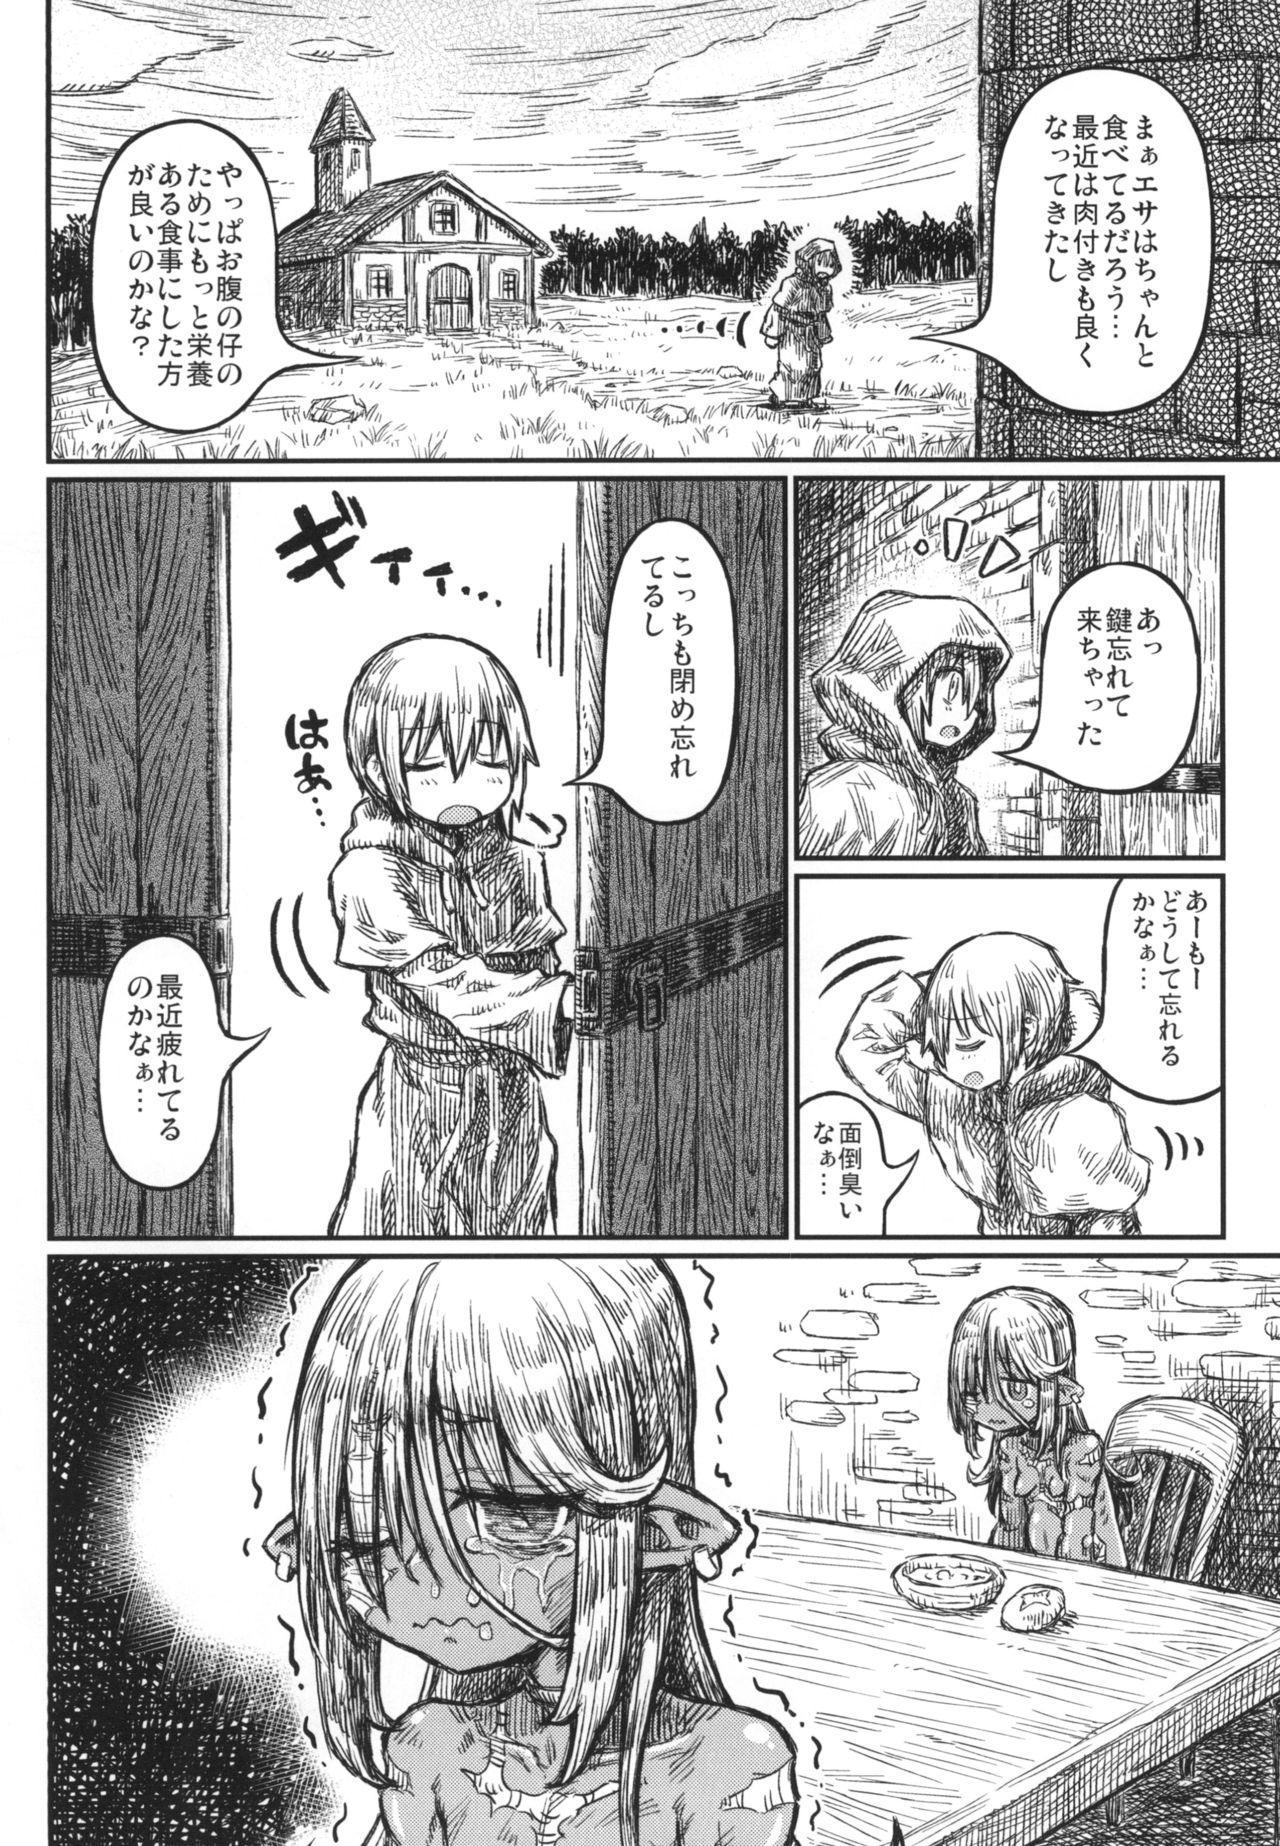 Adabana no koi 13